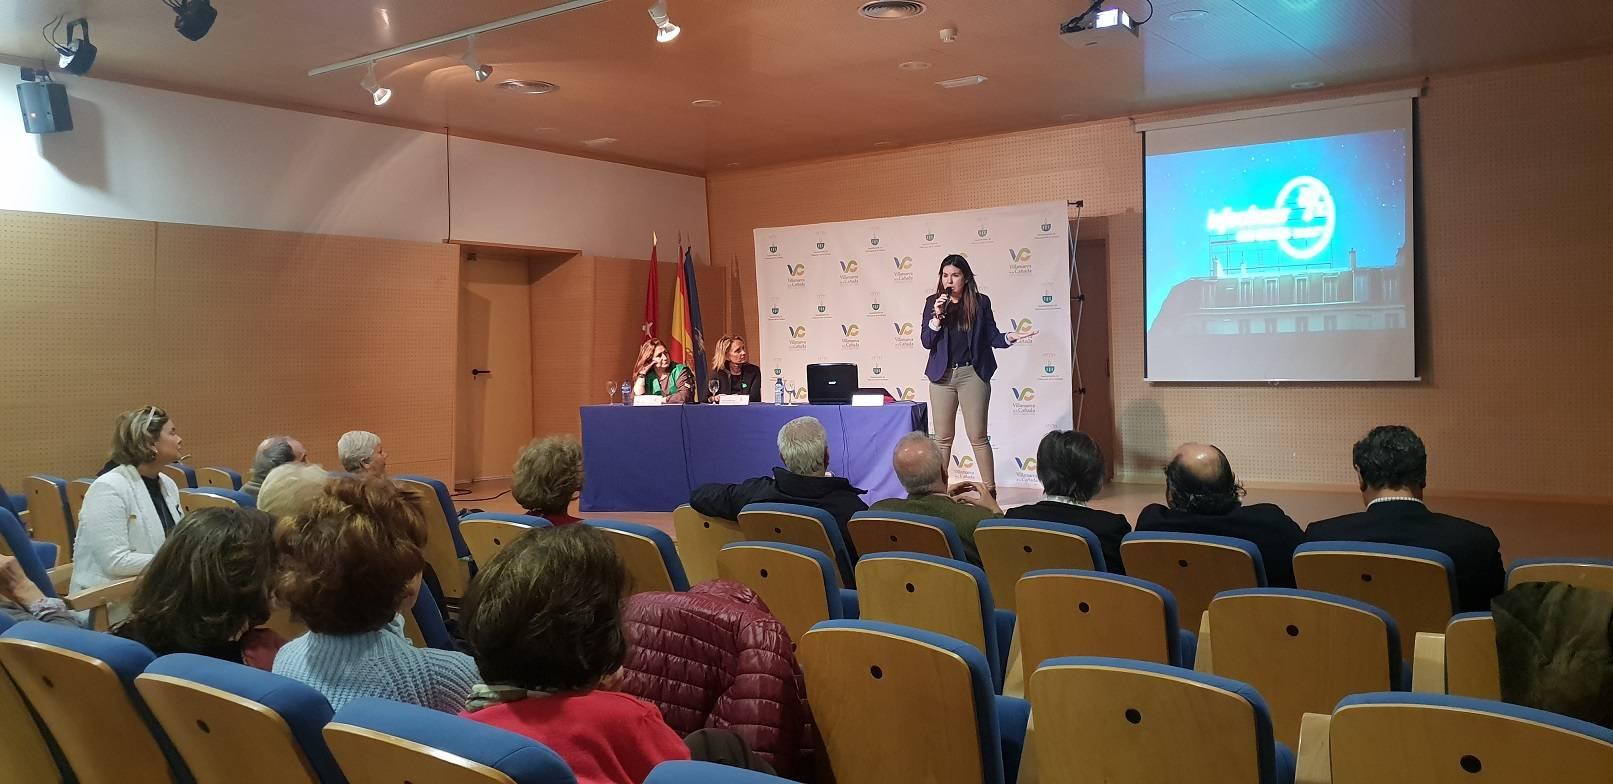 La doctora Estíbaliz García, durante la conferencia impartida.